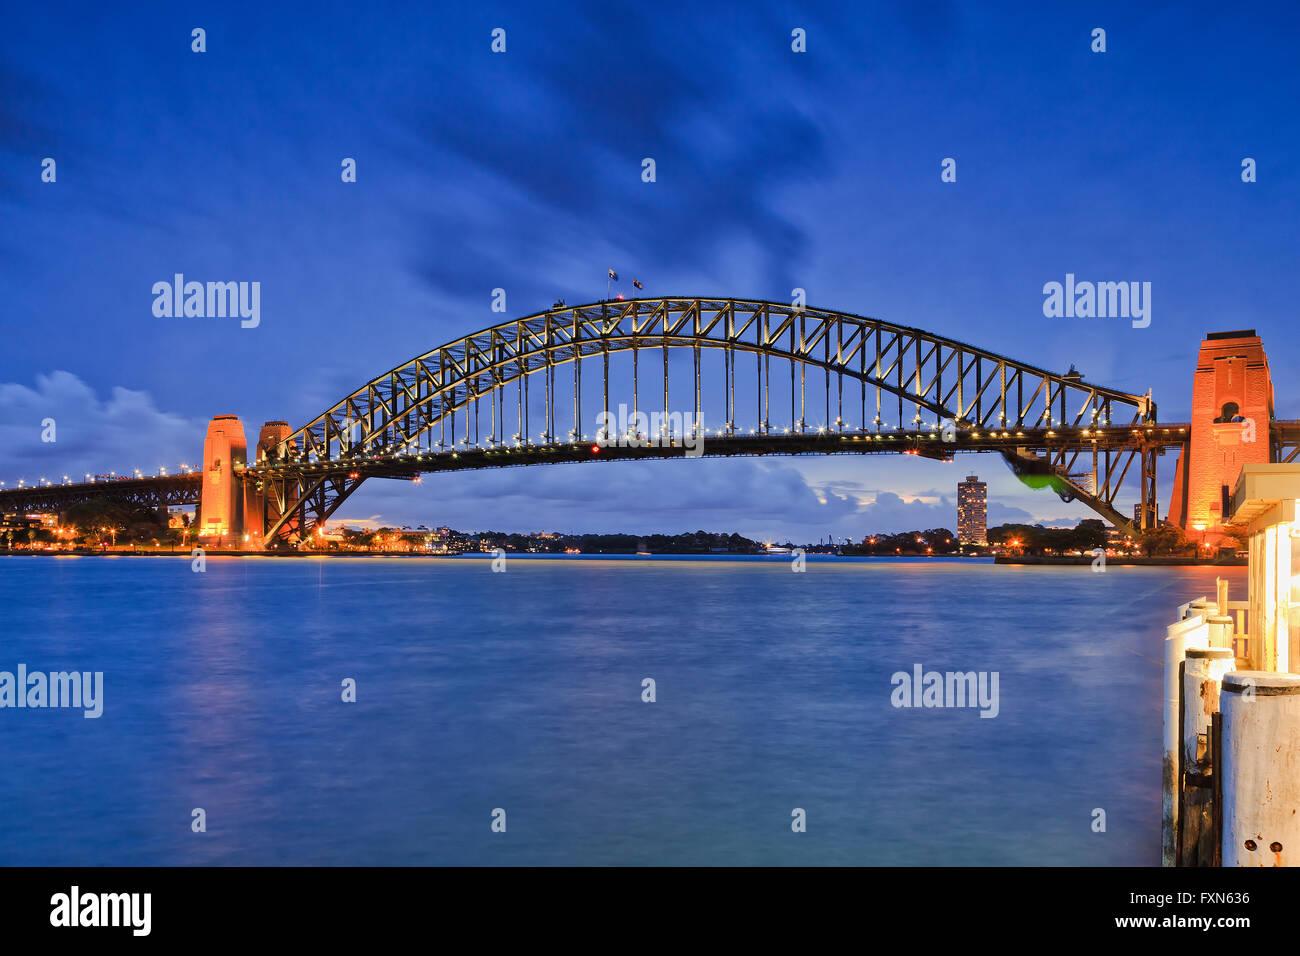 Seitenansicht der Sydney Harbour Bridge gegen blauen Wasser und Sunsettign Himmel mit voller Beleuchtung von Metall Stockbild